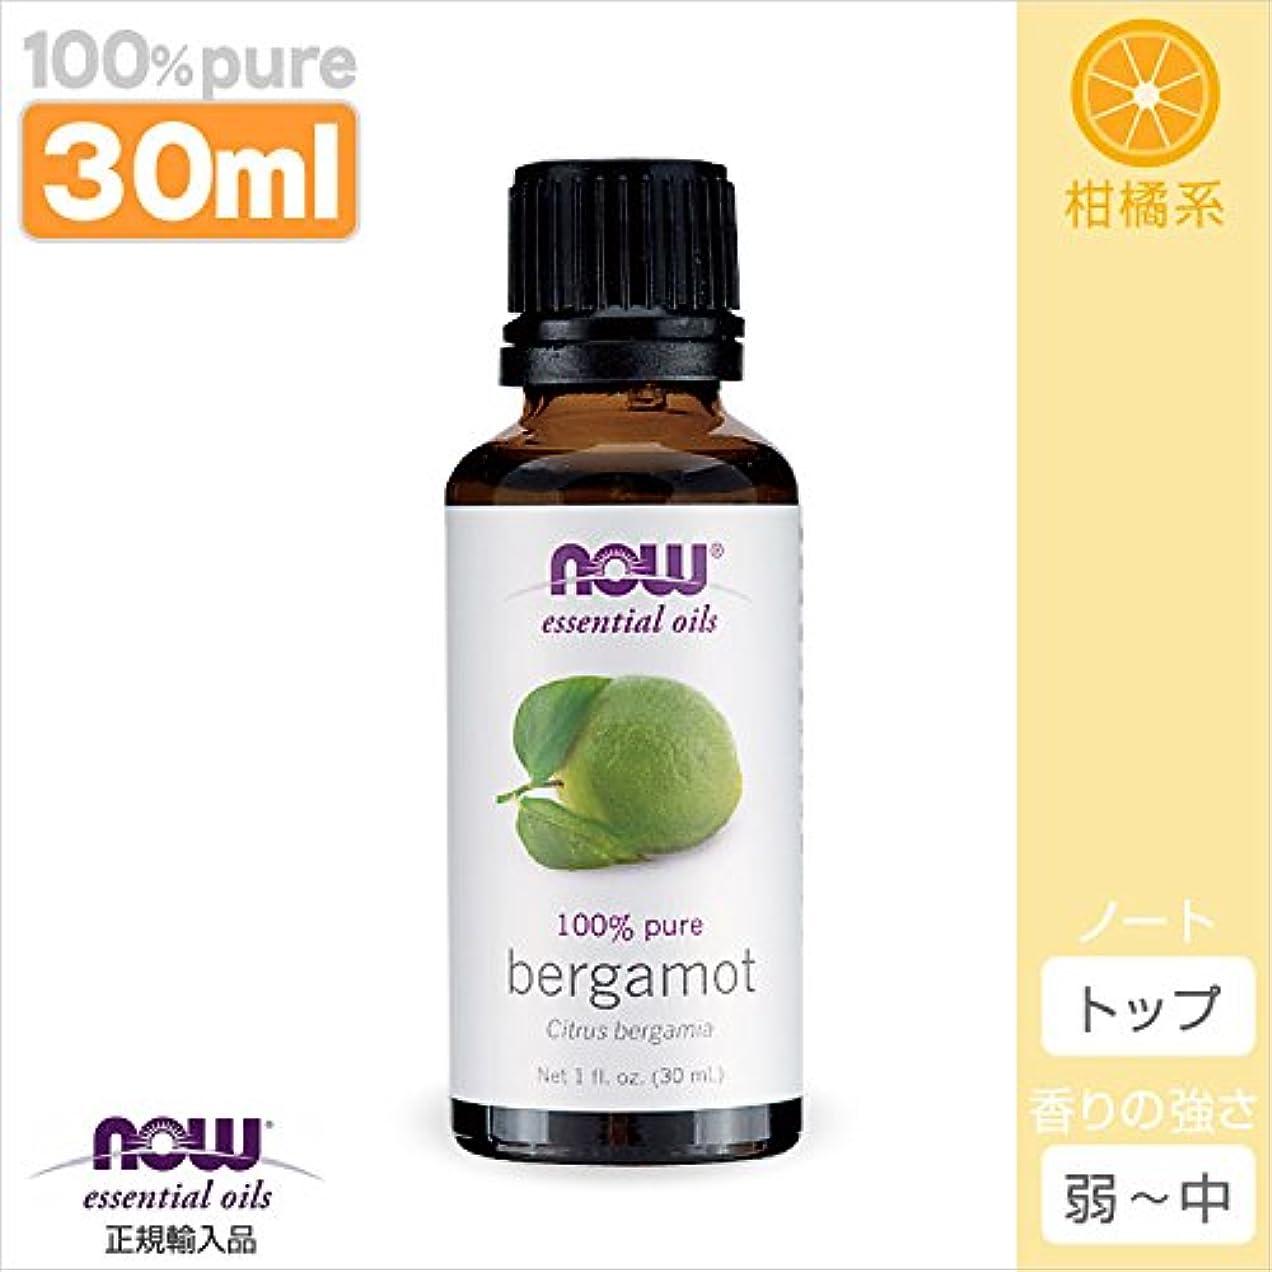 法令眠っている元気なベルガモット精油[30ml] 【正規輸入品】 NOWエッセンシャルオイル(アロマオイル)